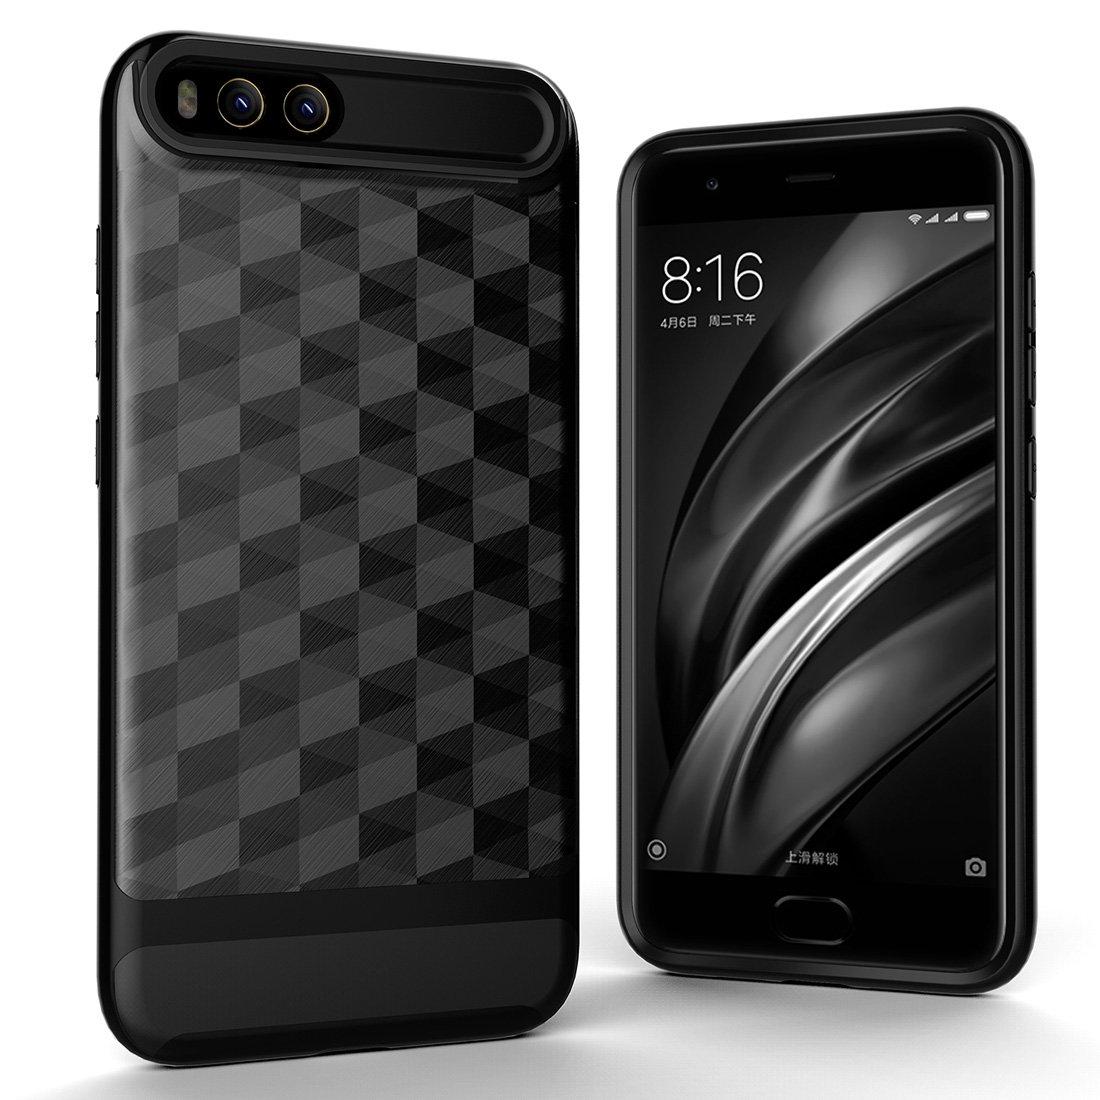 Obudowa Xiaomi Mi 6, HICASER Prism Hybrid odporna na wstrząsy Miękka TPU + PC Rama zderzaka Ochronna obudowa Case dla Xiaomi Mi 6 Czarny